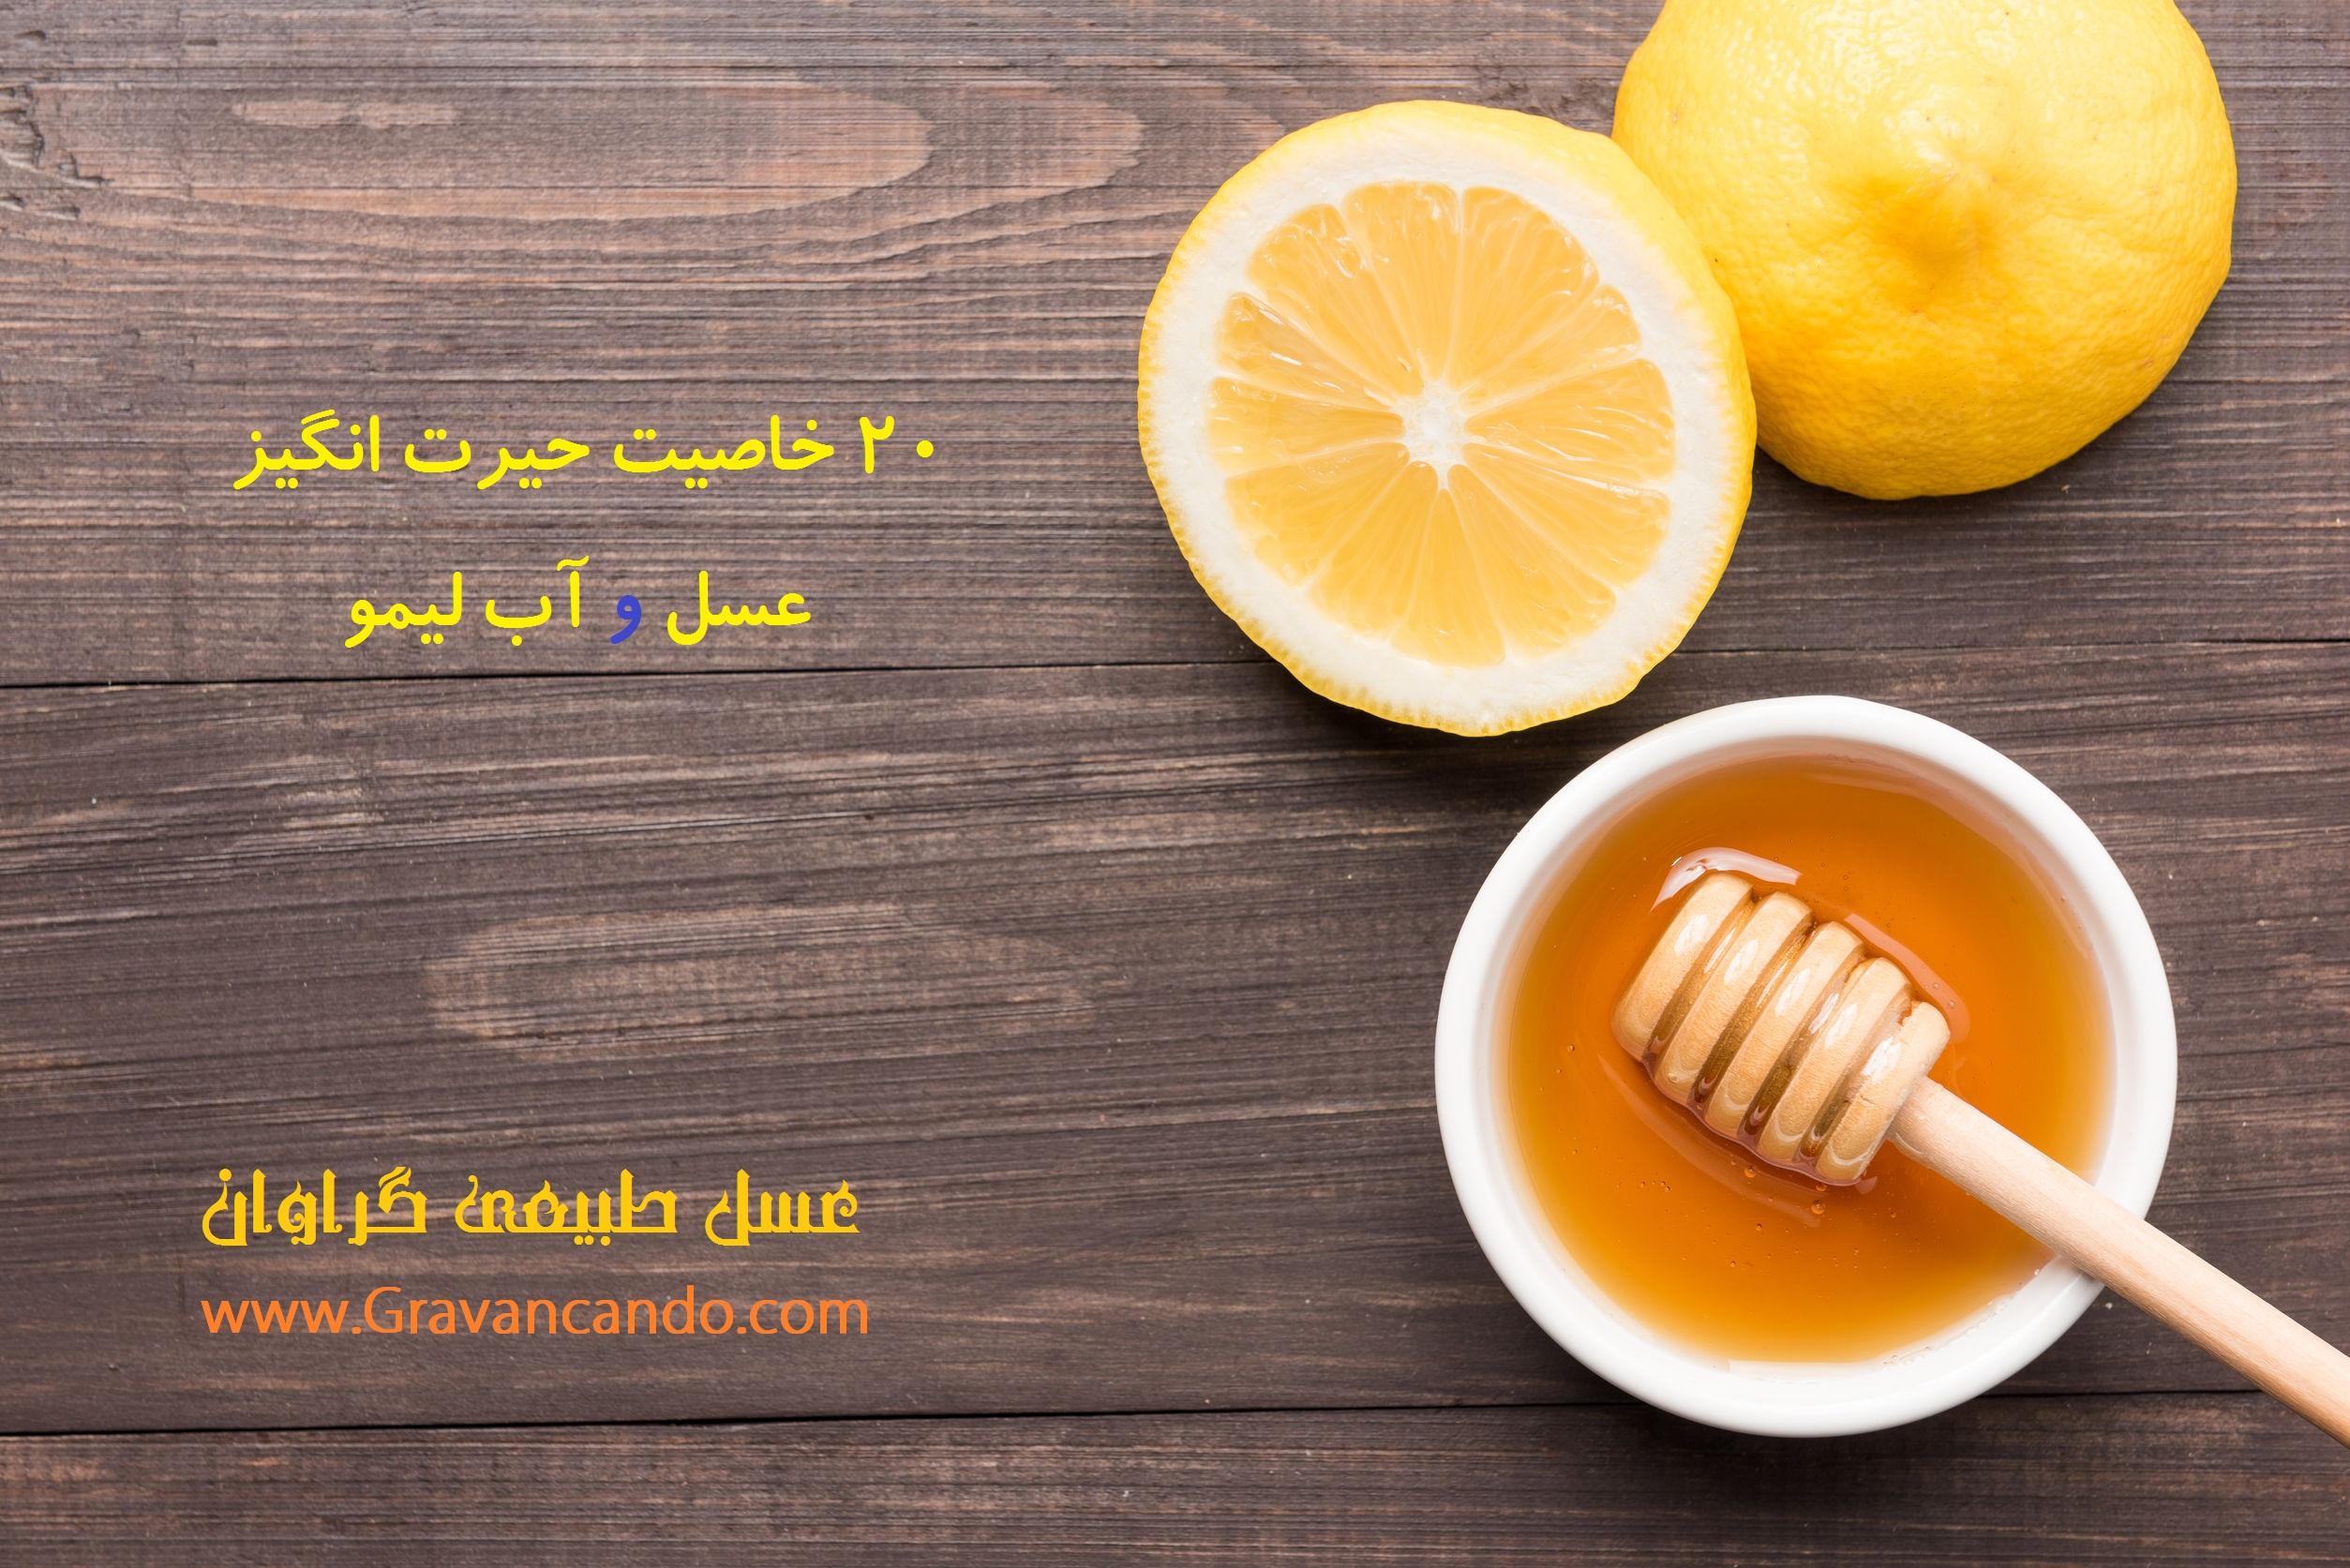 ۲۰ علتی که باید عسل و آب لیمو مصرف کنید؟!